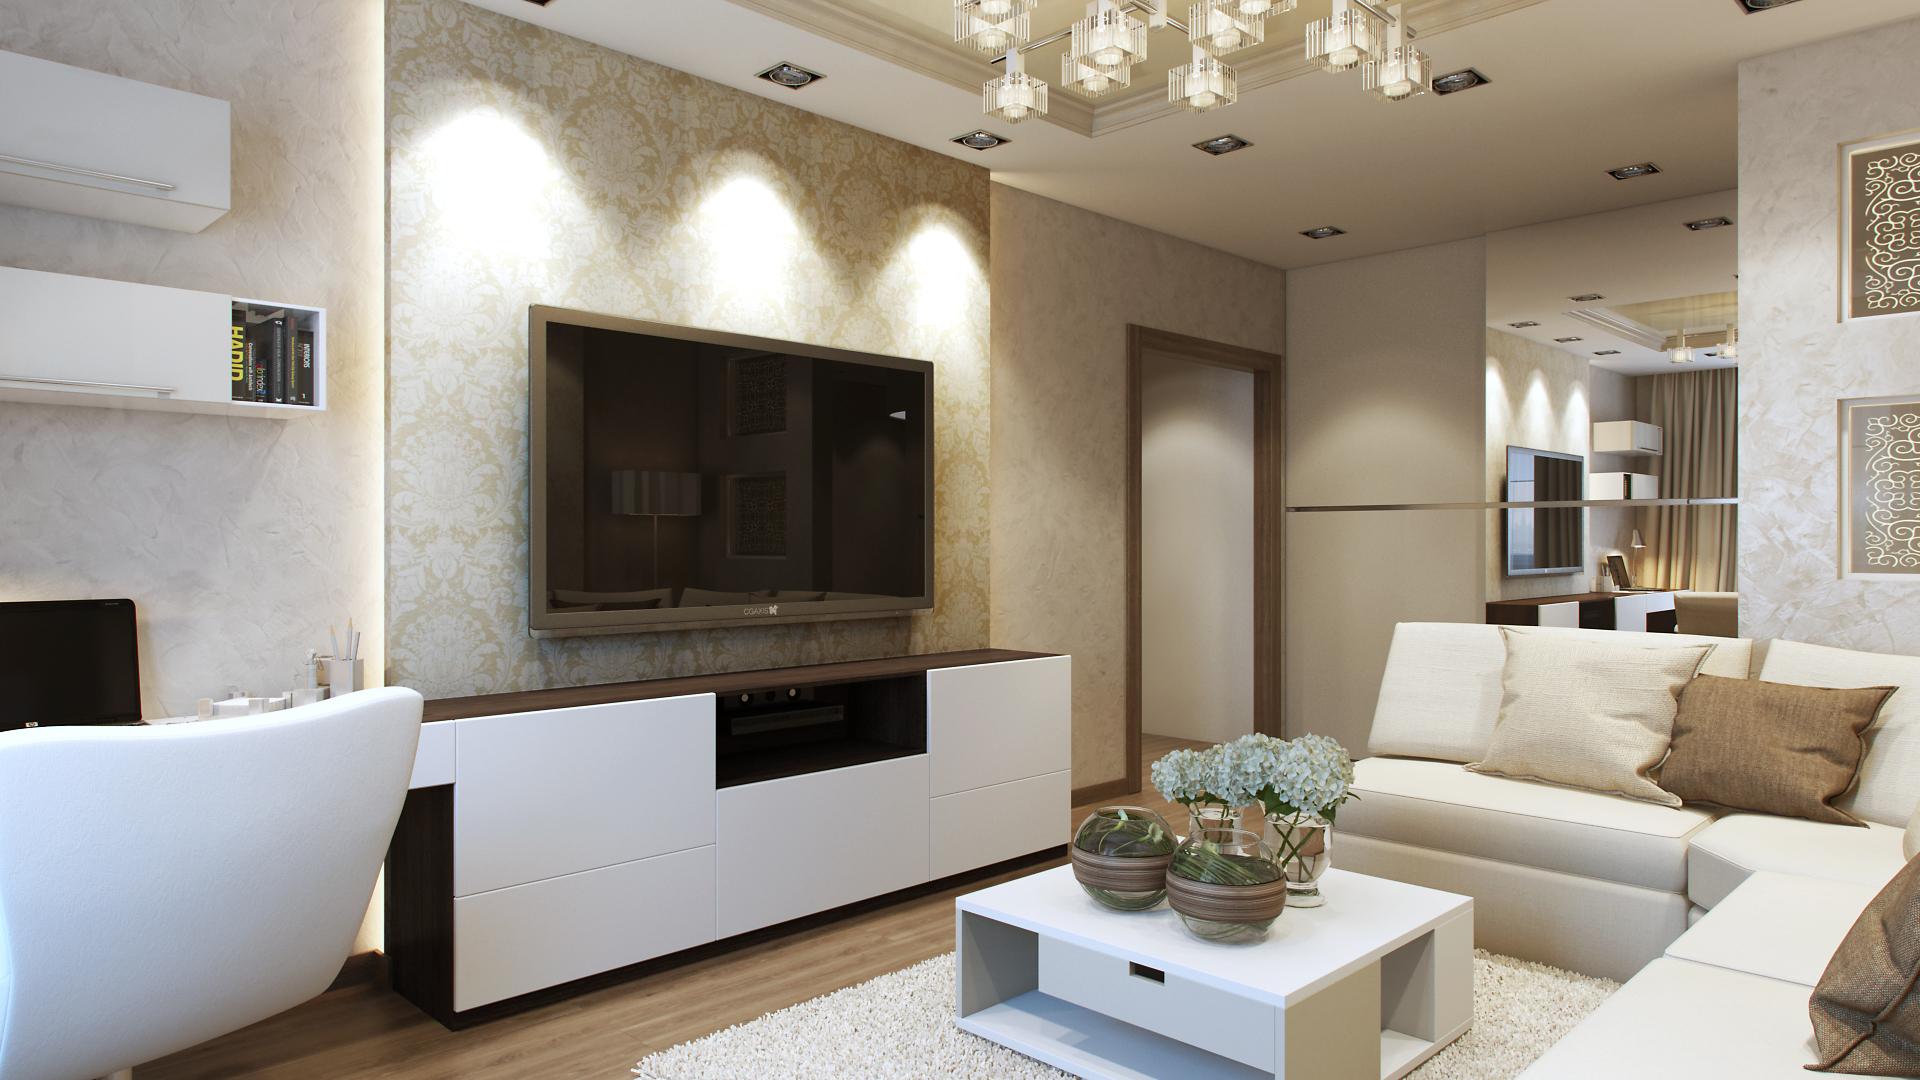 Перепланировка квартир ИП 46С - Дизайн квартир ИП-46С